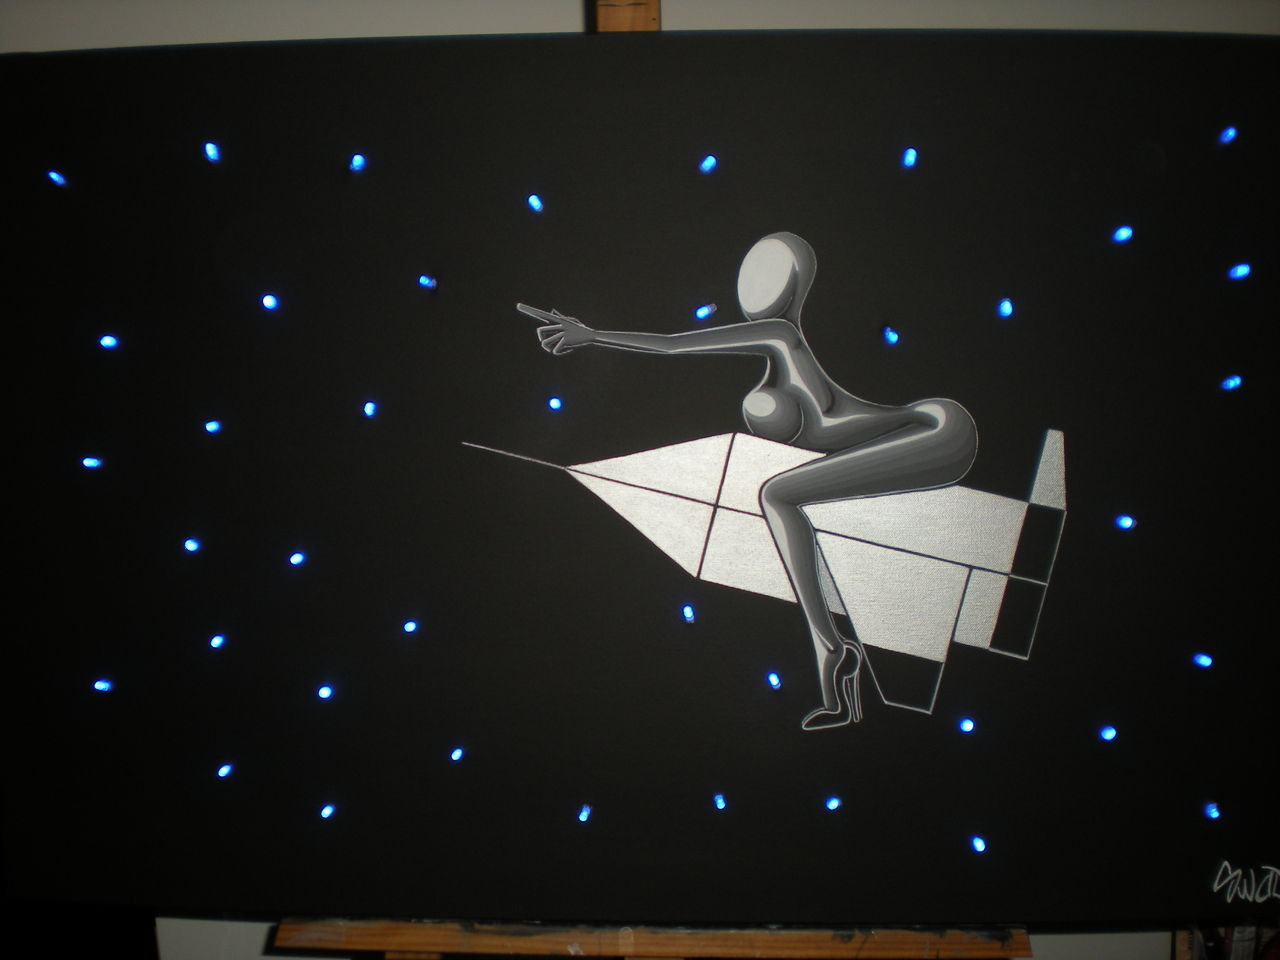 souad halima-rihoum dit SWAD en tant qu'artiste en route vers les etoiles !!!!!!!!!!!!!!!!!!!!!!!!!!!!!!!!